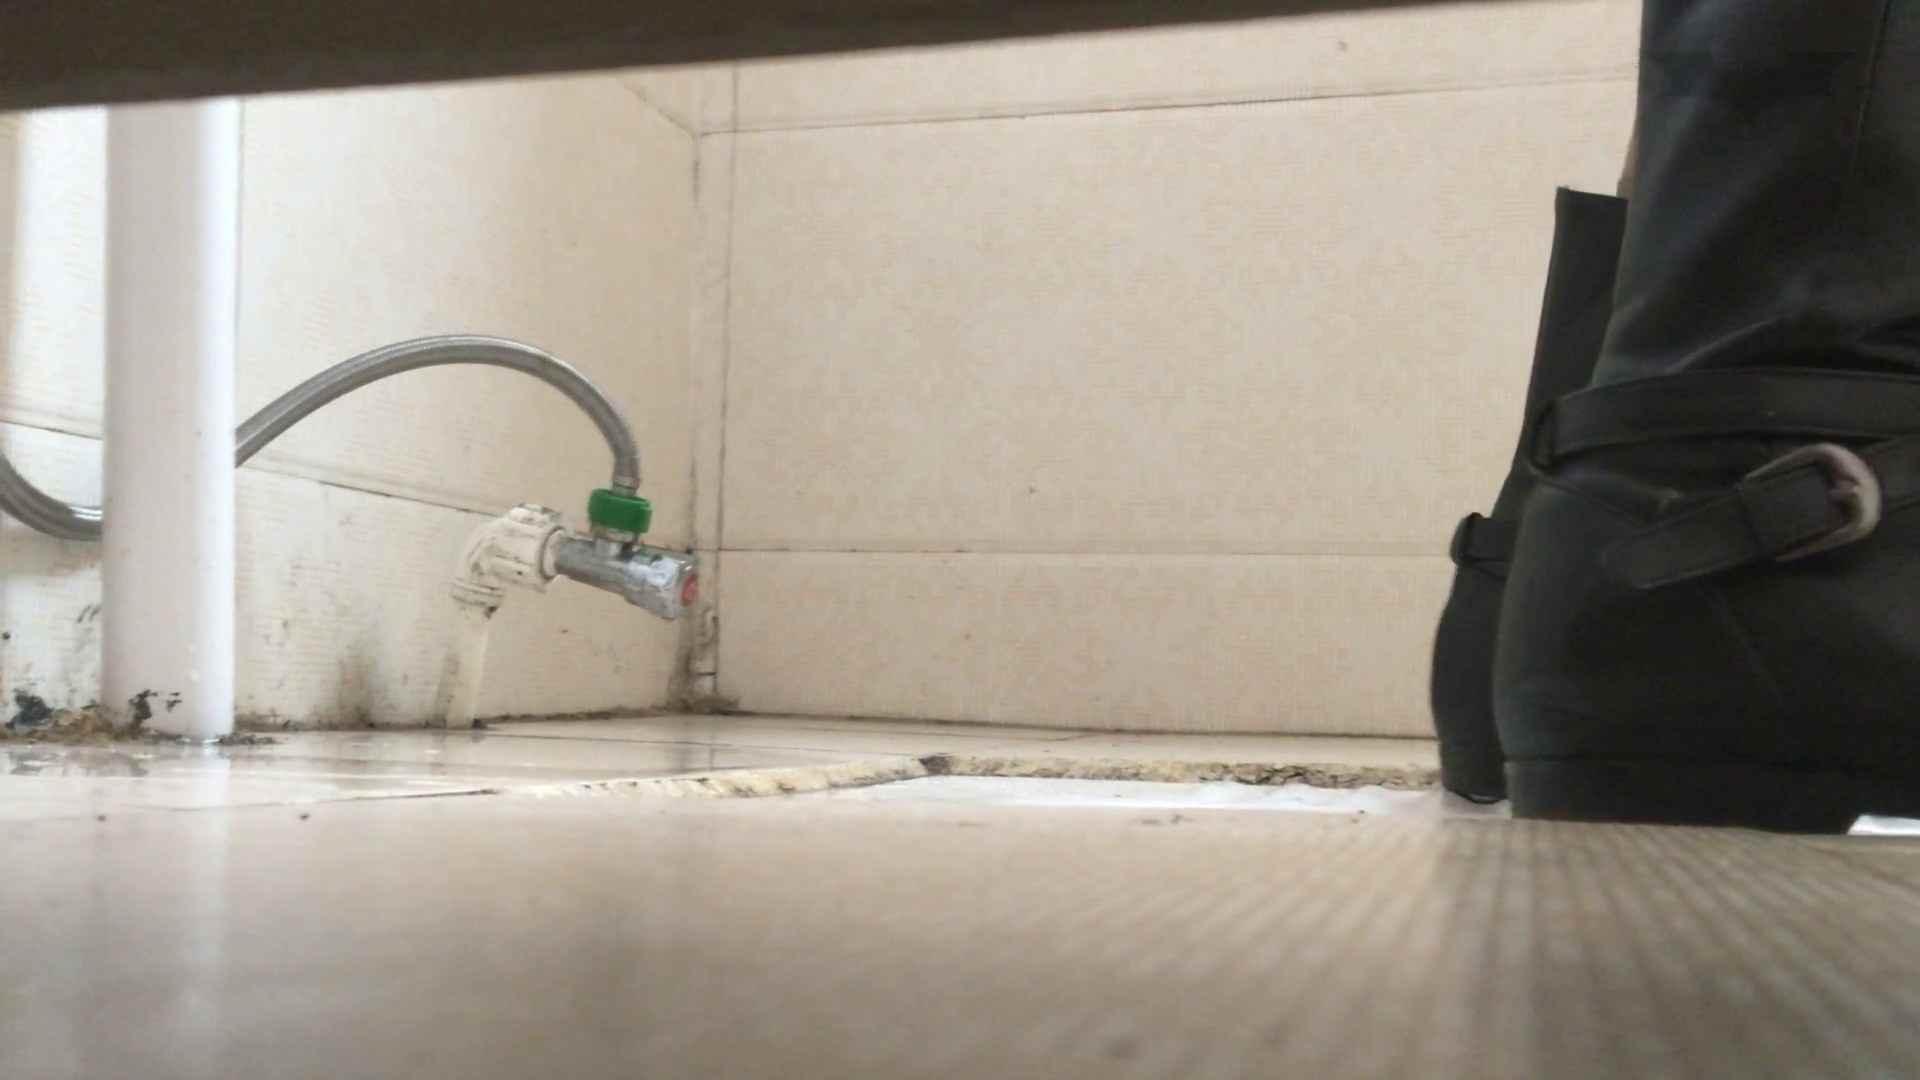 芸術大学ガチ潜入盗撮 JD盗撮 美女の洗面所の秘密 Vol.107 エロくん潜入 エロ無料画像 83連発 65